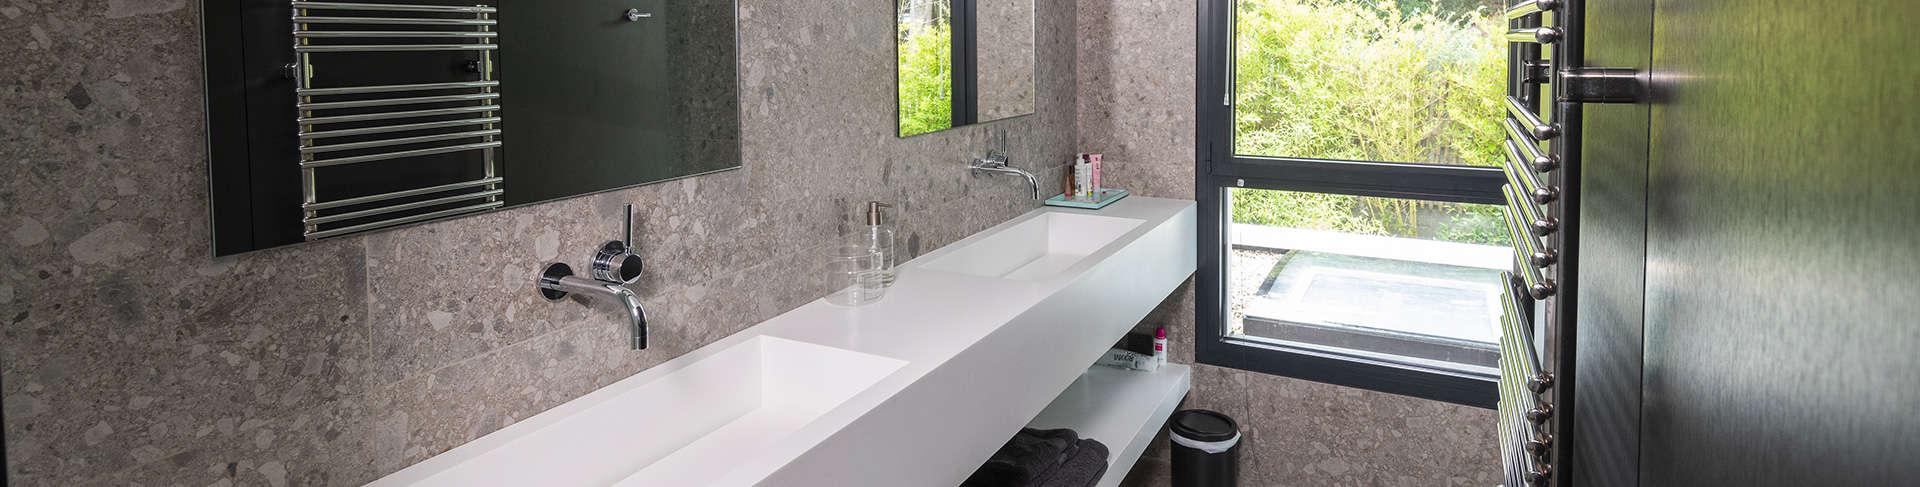 alviva-traitement-eau-habitat-maison-salle-de-bains